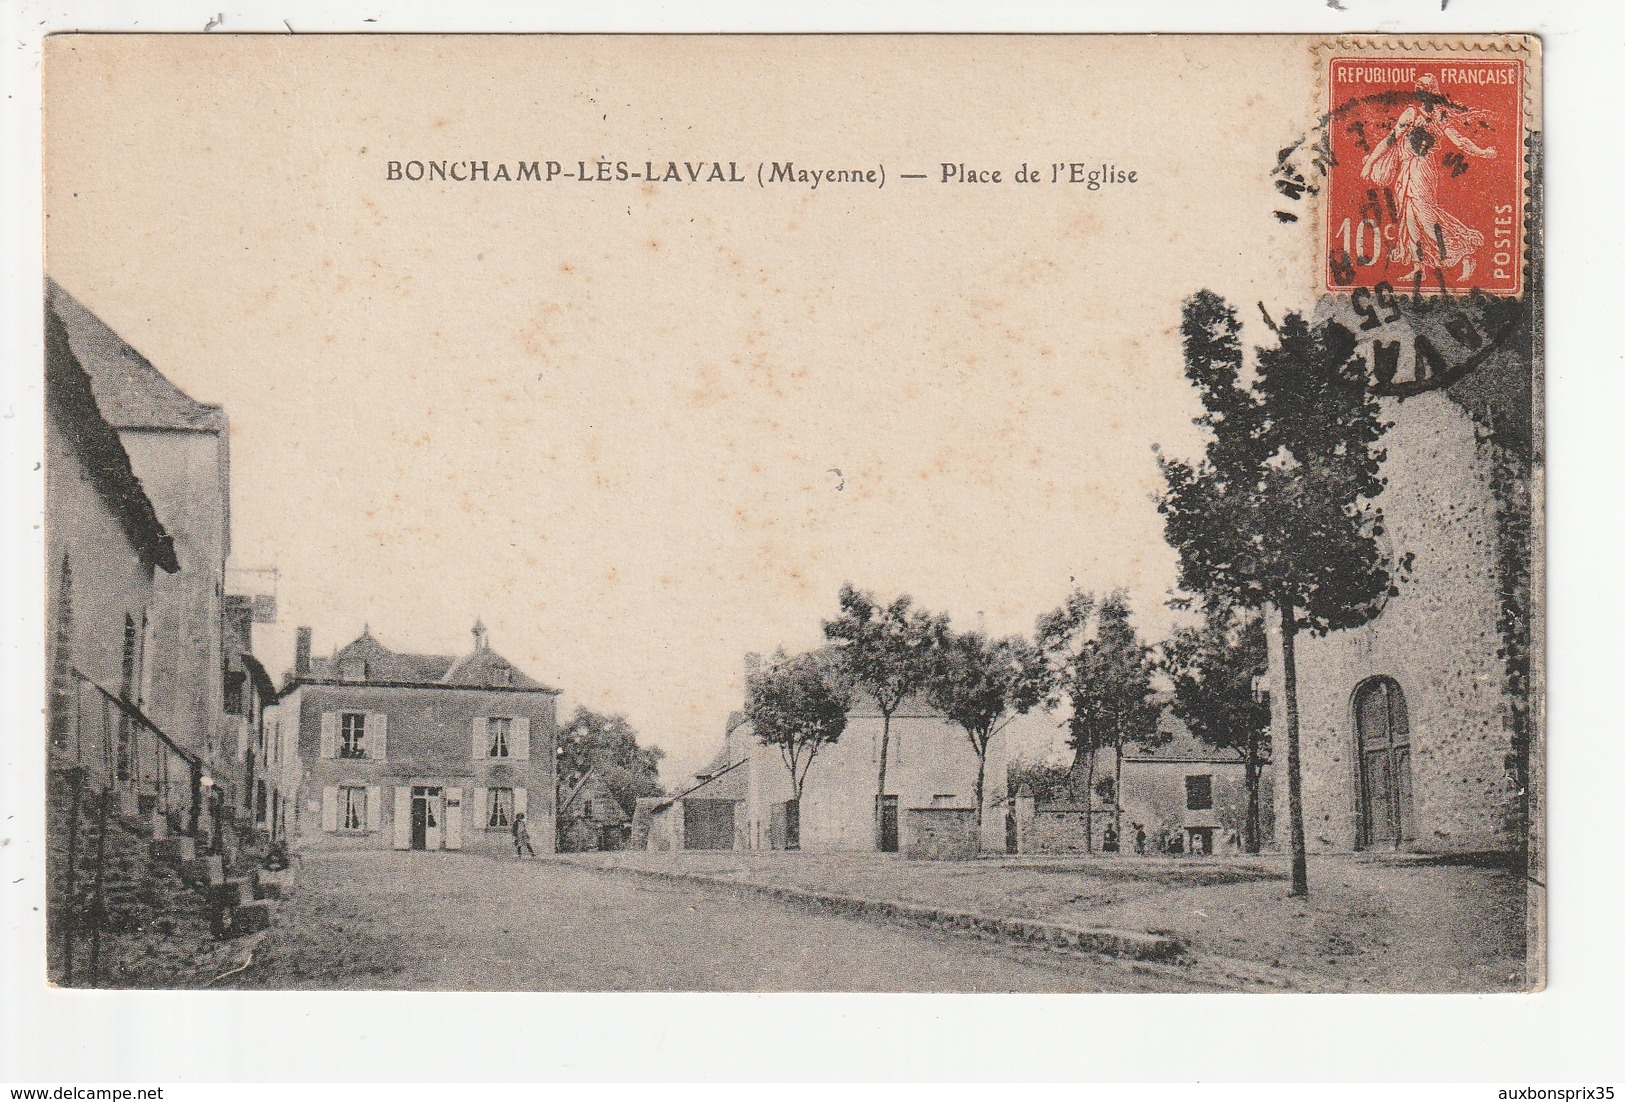 BONCHAMP LES LAVAL - PLACE DE L'EGLISE - 53 - Autres Communes